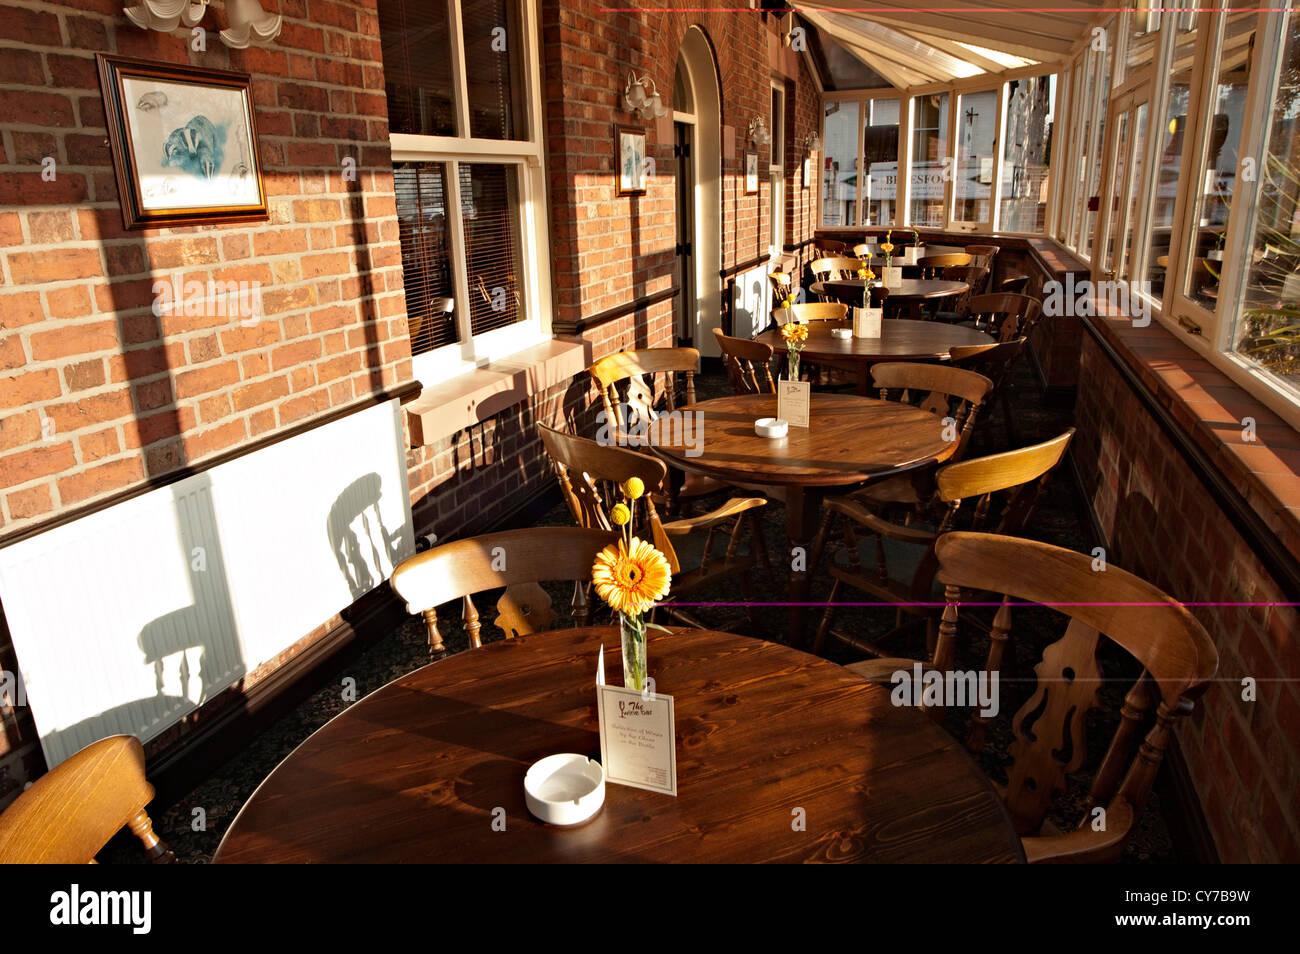 Interior Pub Bar Counter Stockfotos & Interior Pub Bar Counter ...